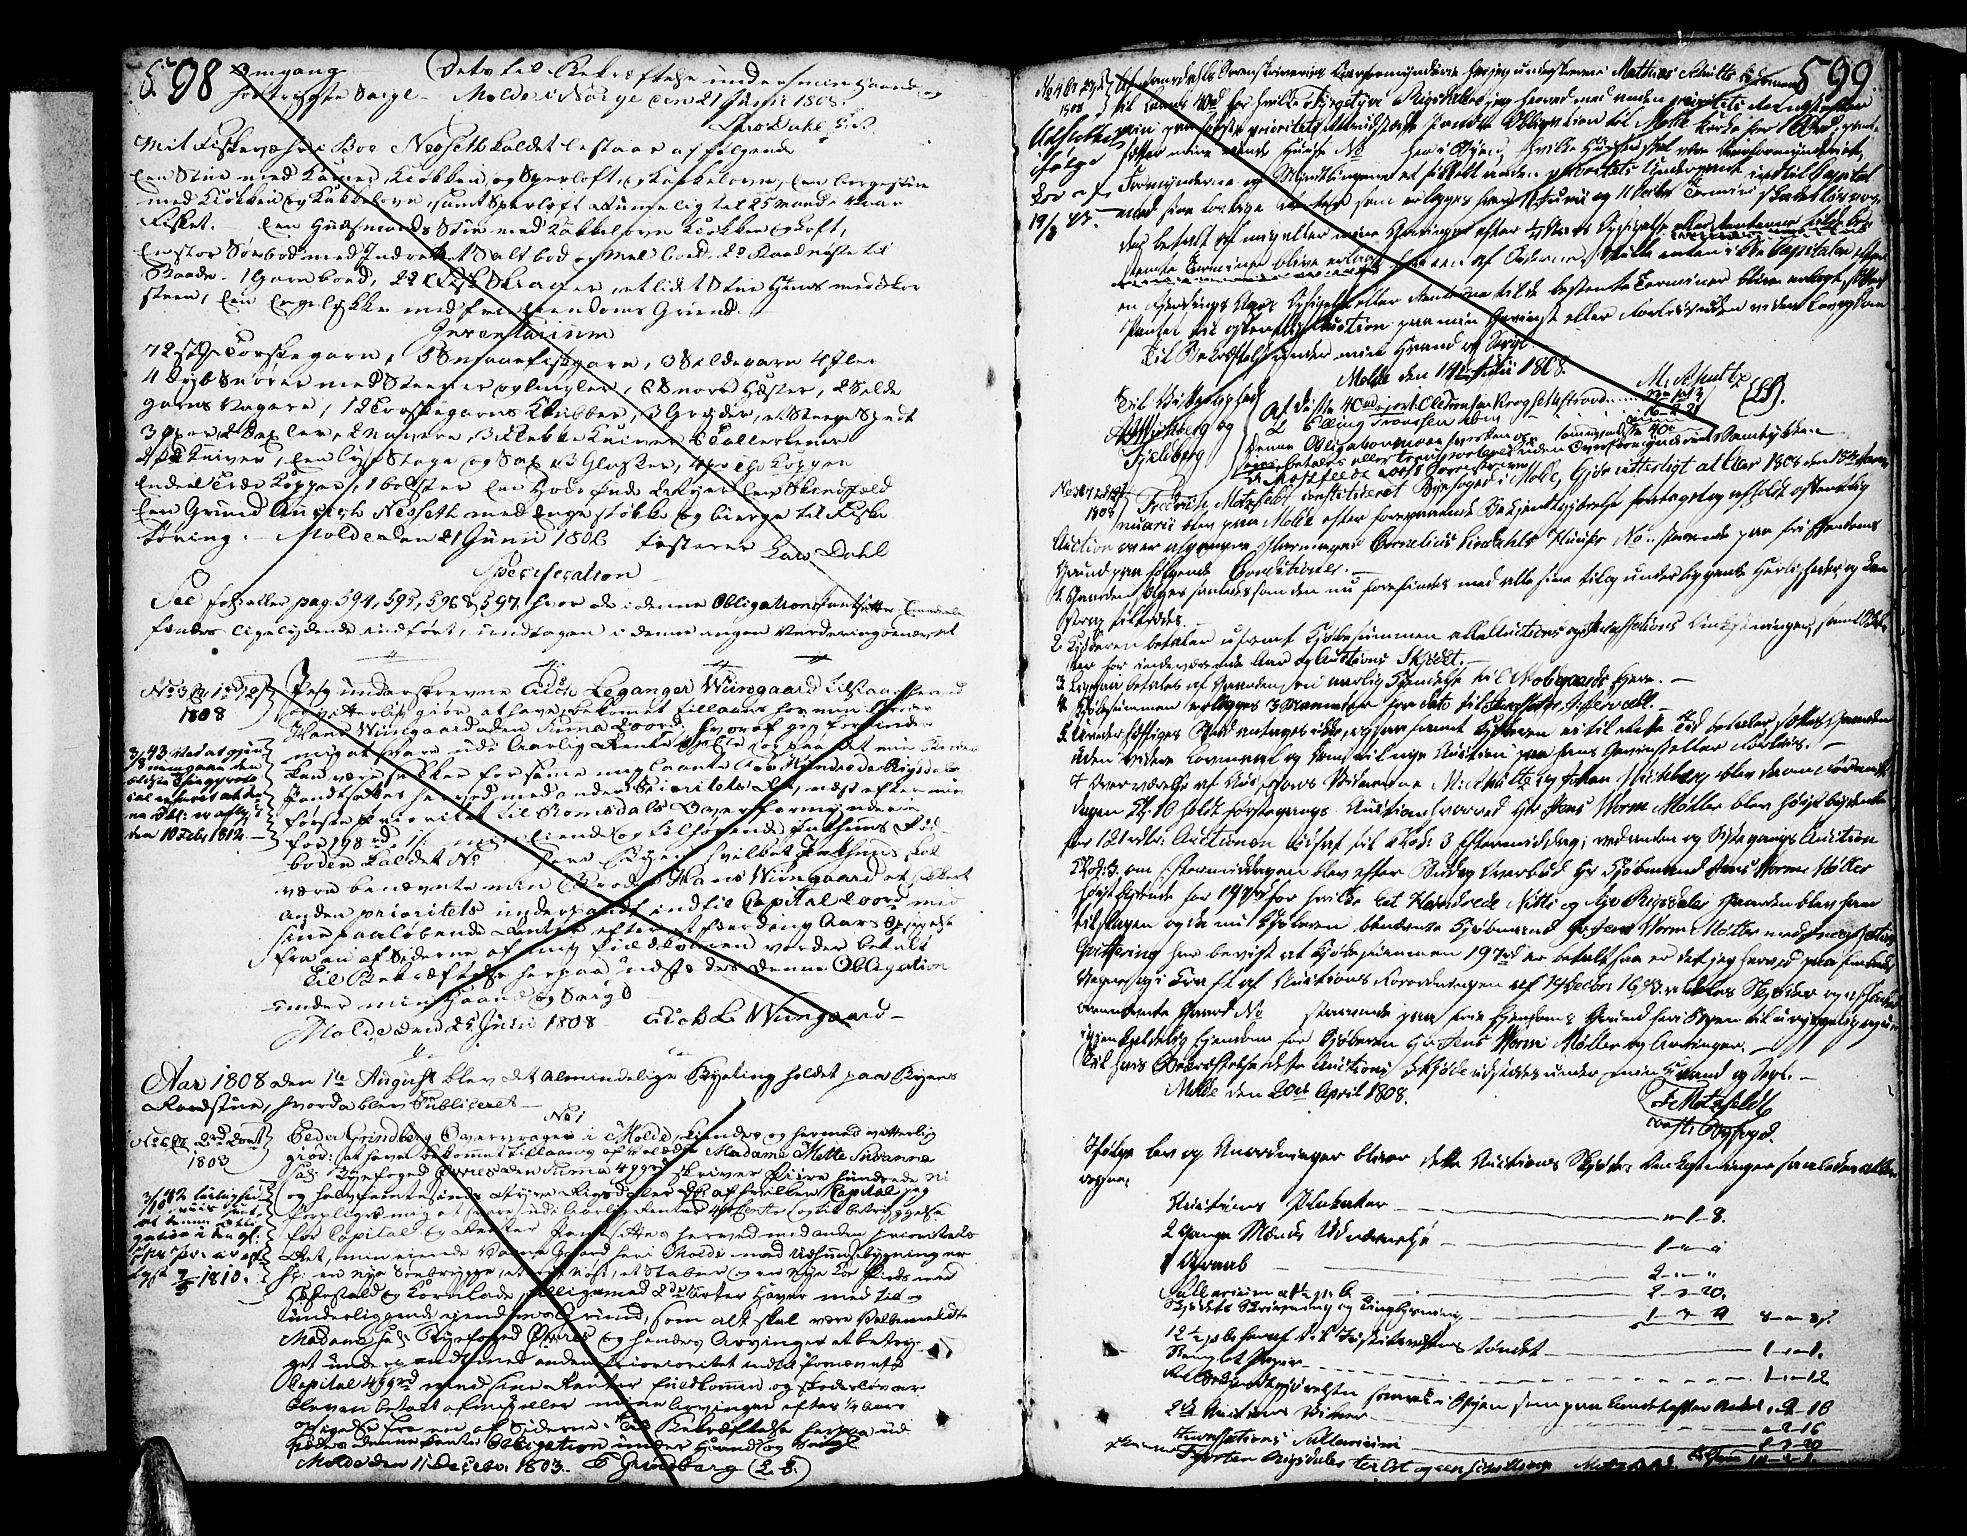 SAT, Molde byfogd, 2C/L0001: Pantebok nr. 1, 1748-1823, s. 598-599